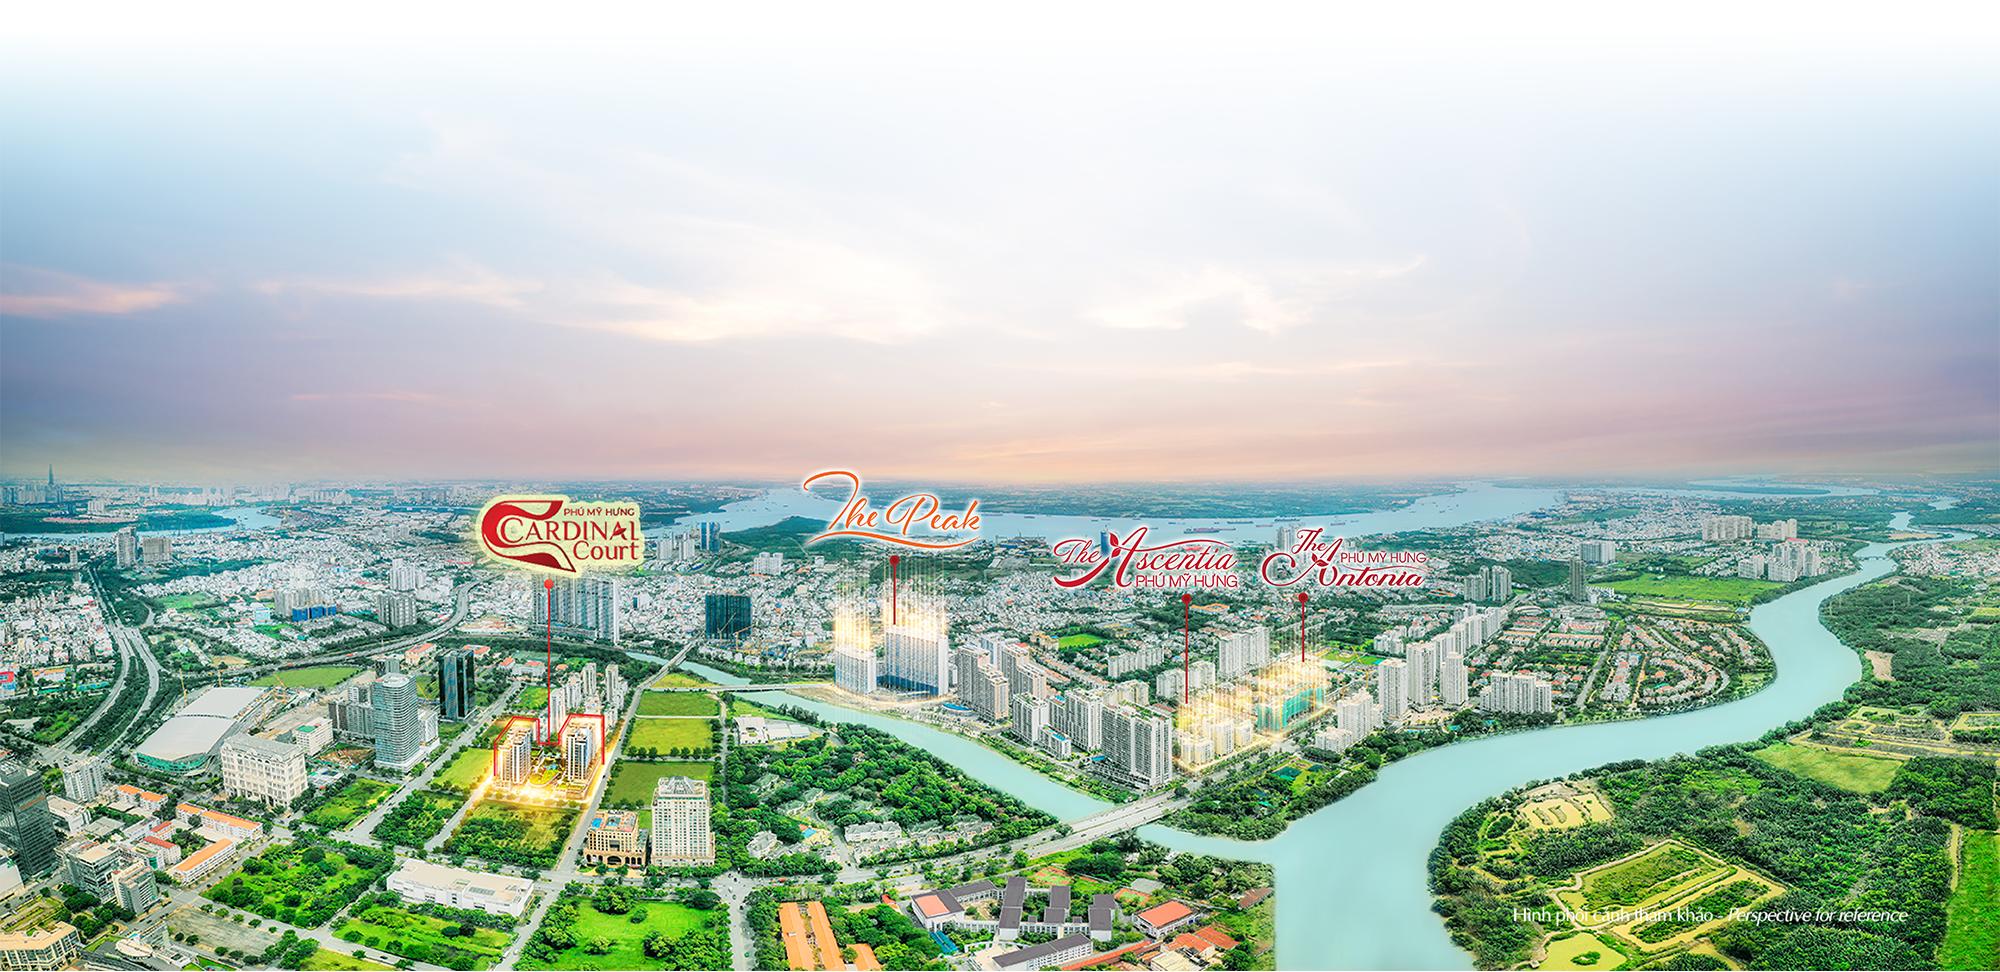 Dự án khu phức hợp ven sông lớn nhất Phú Mỹ Hưng chỉ còn 10% sản phẩm dành cho giới thượng lưu - Ảnh 13.